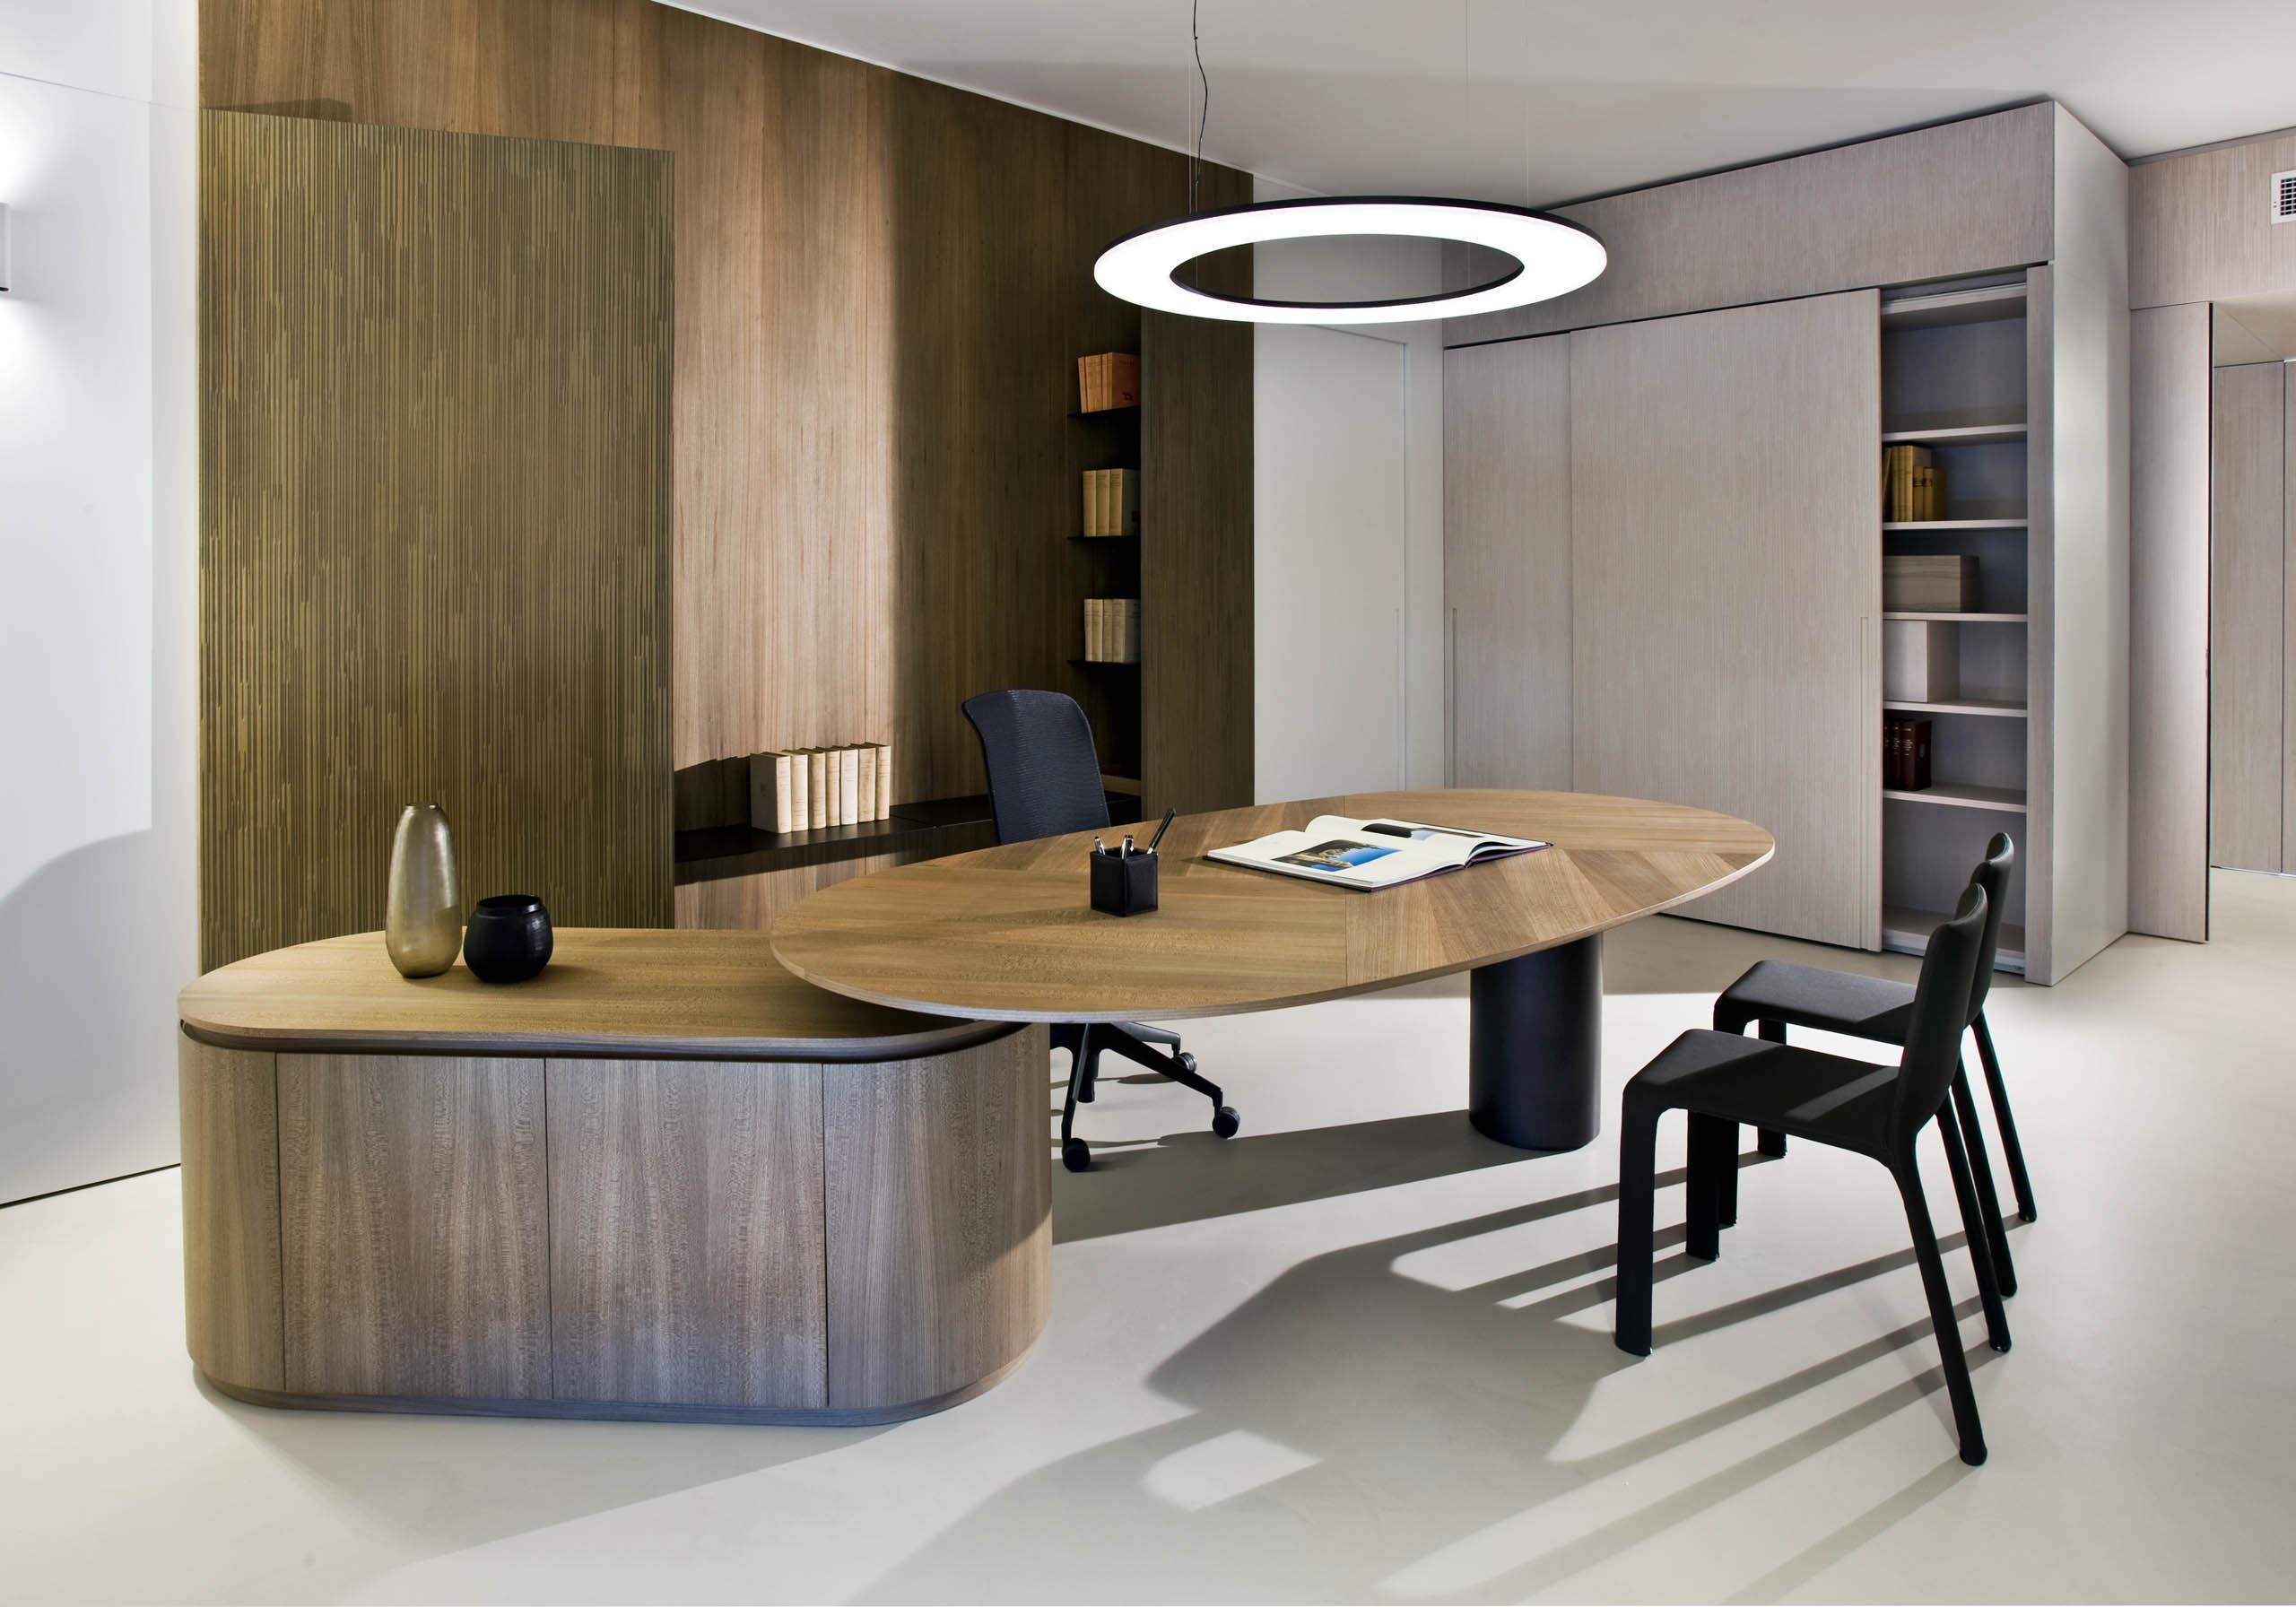 Modern interior design for luxury office desk